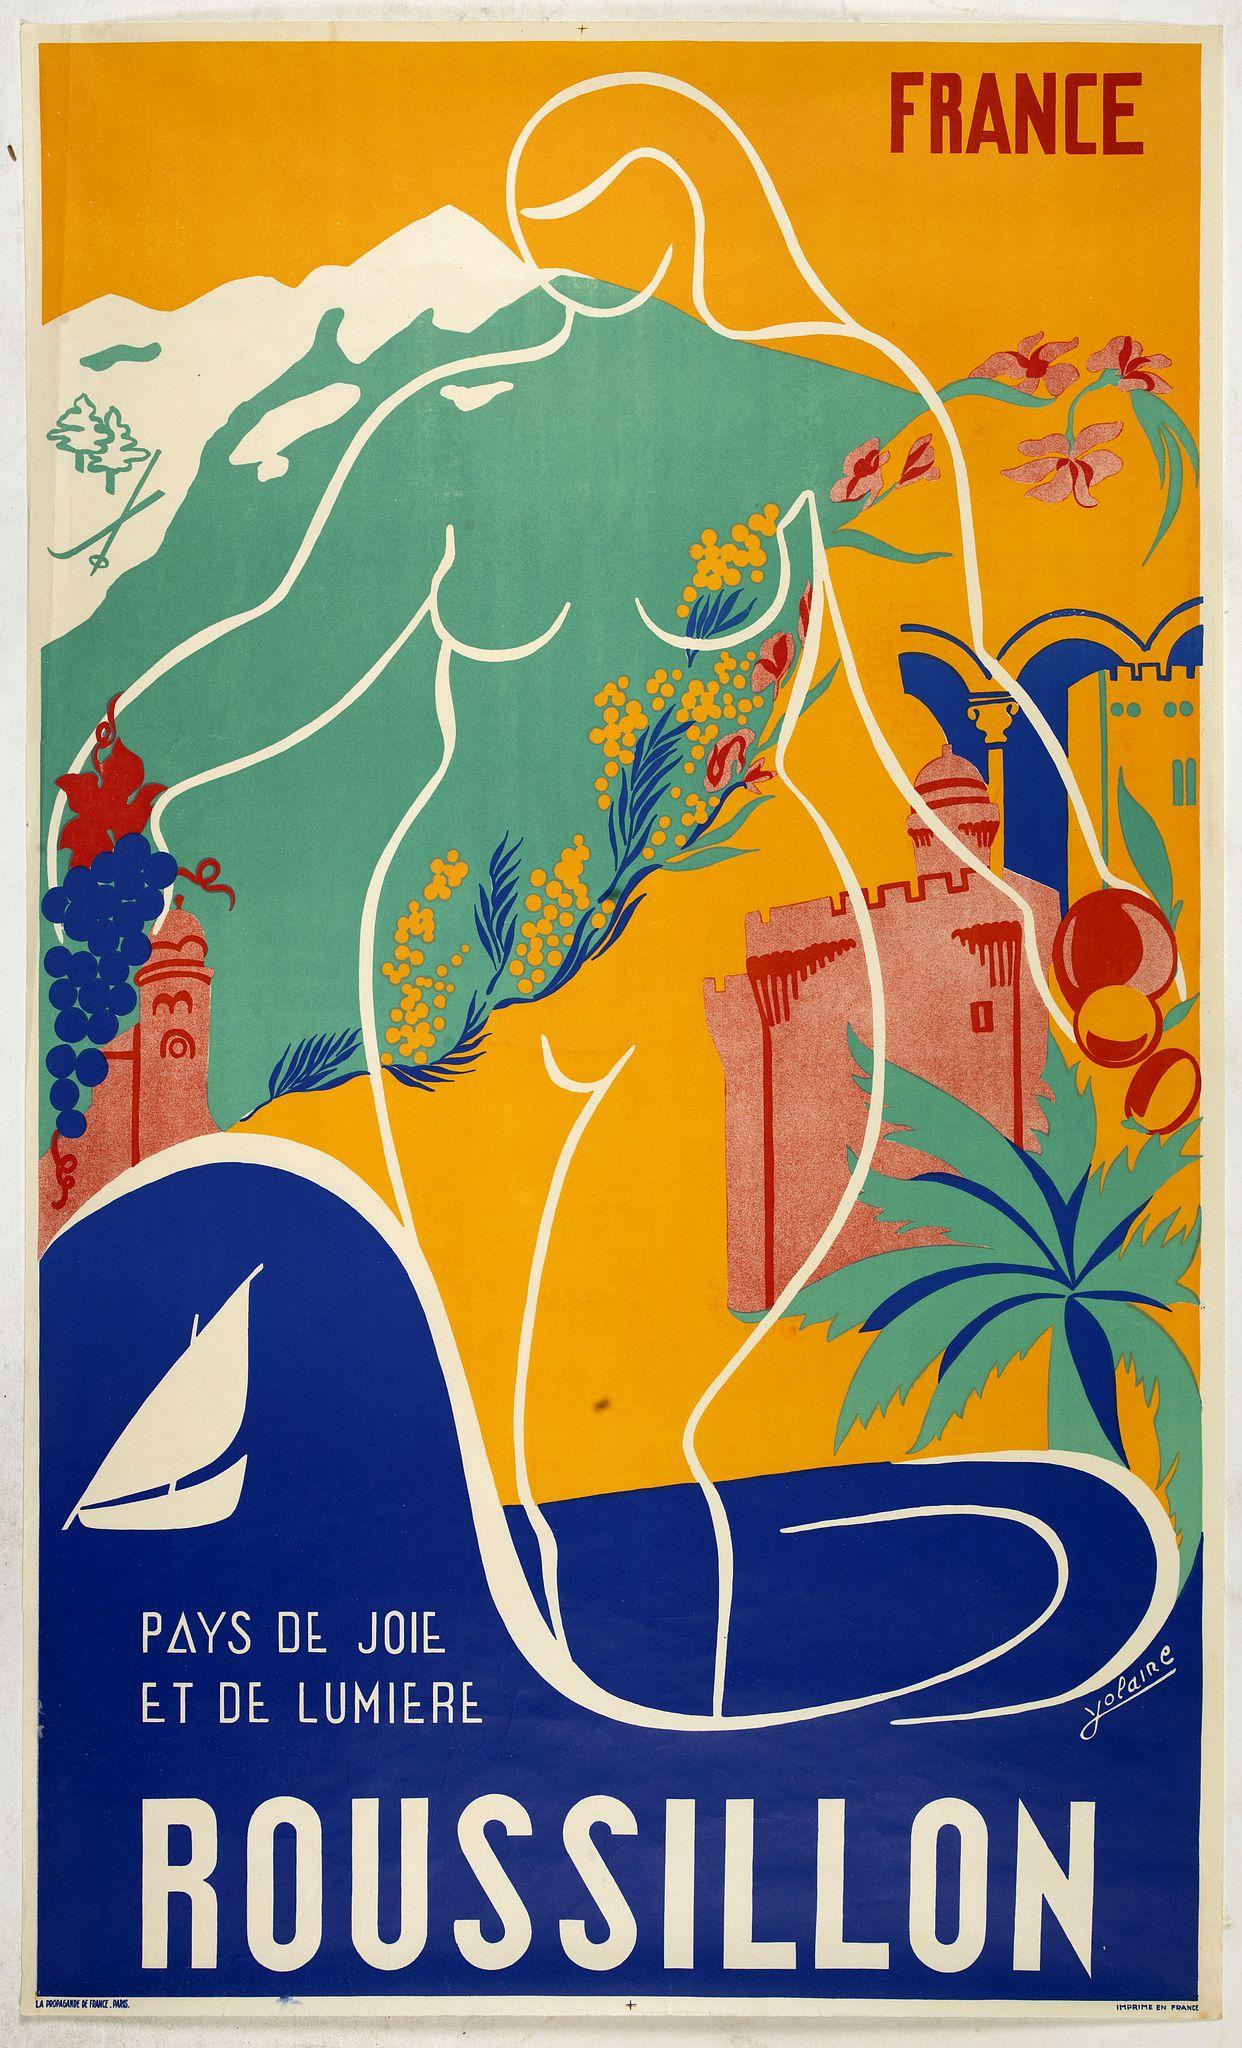 YOLAIRE -  France - Roussilon - Pays de joie et de lumiere.